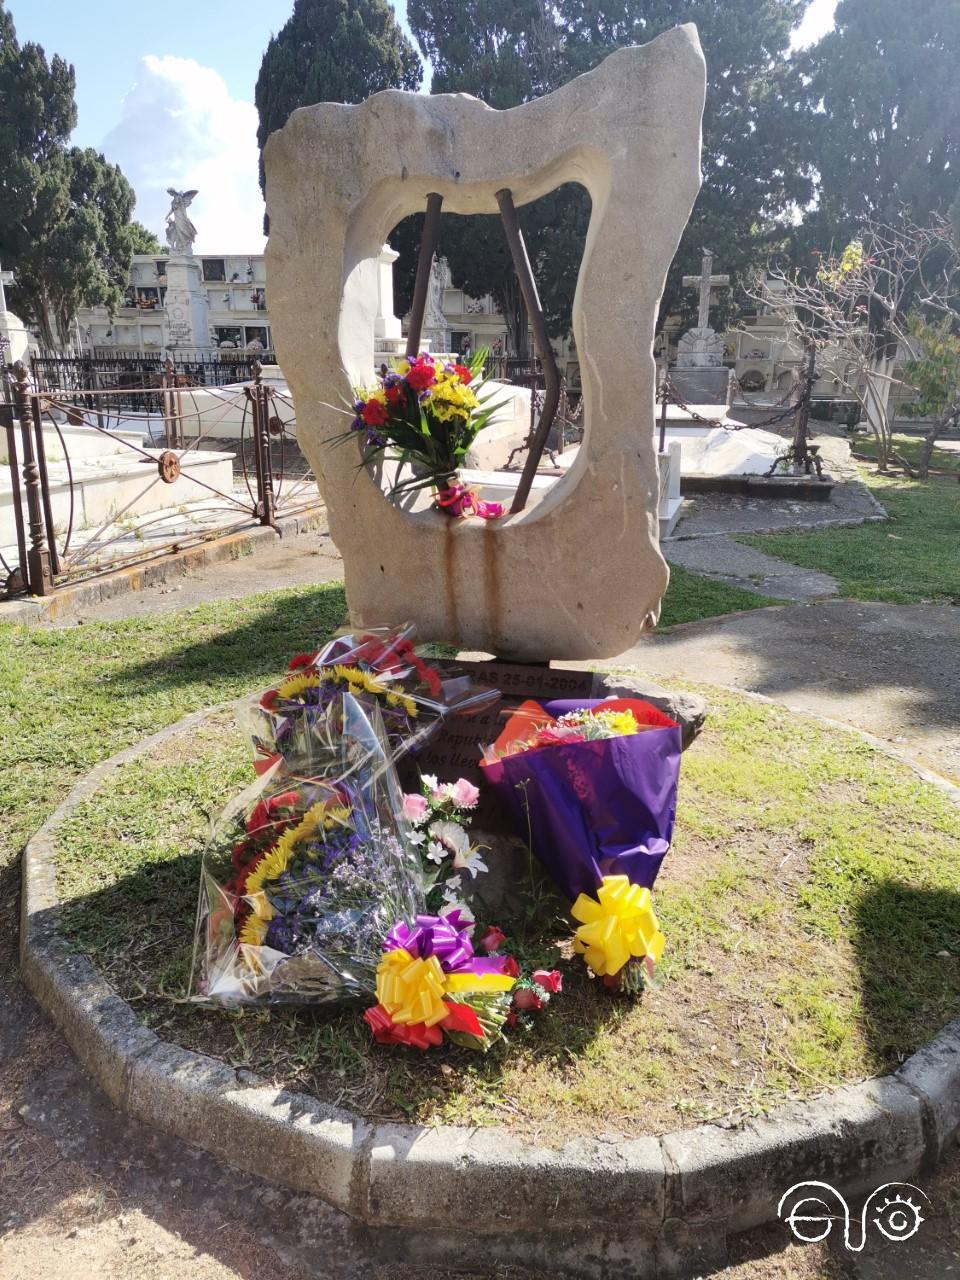 Flores en el monolito que recuerda a las víctimas en el cementerio de Algeciras. Sábado 17 de abril de 2021.